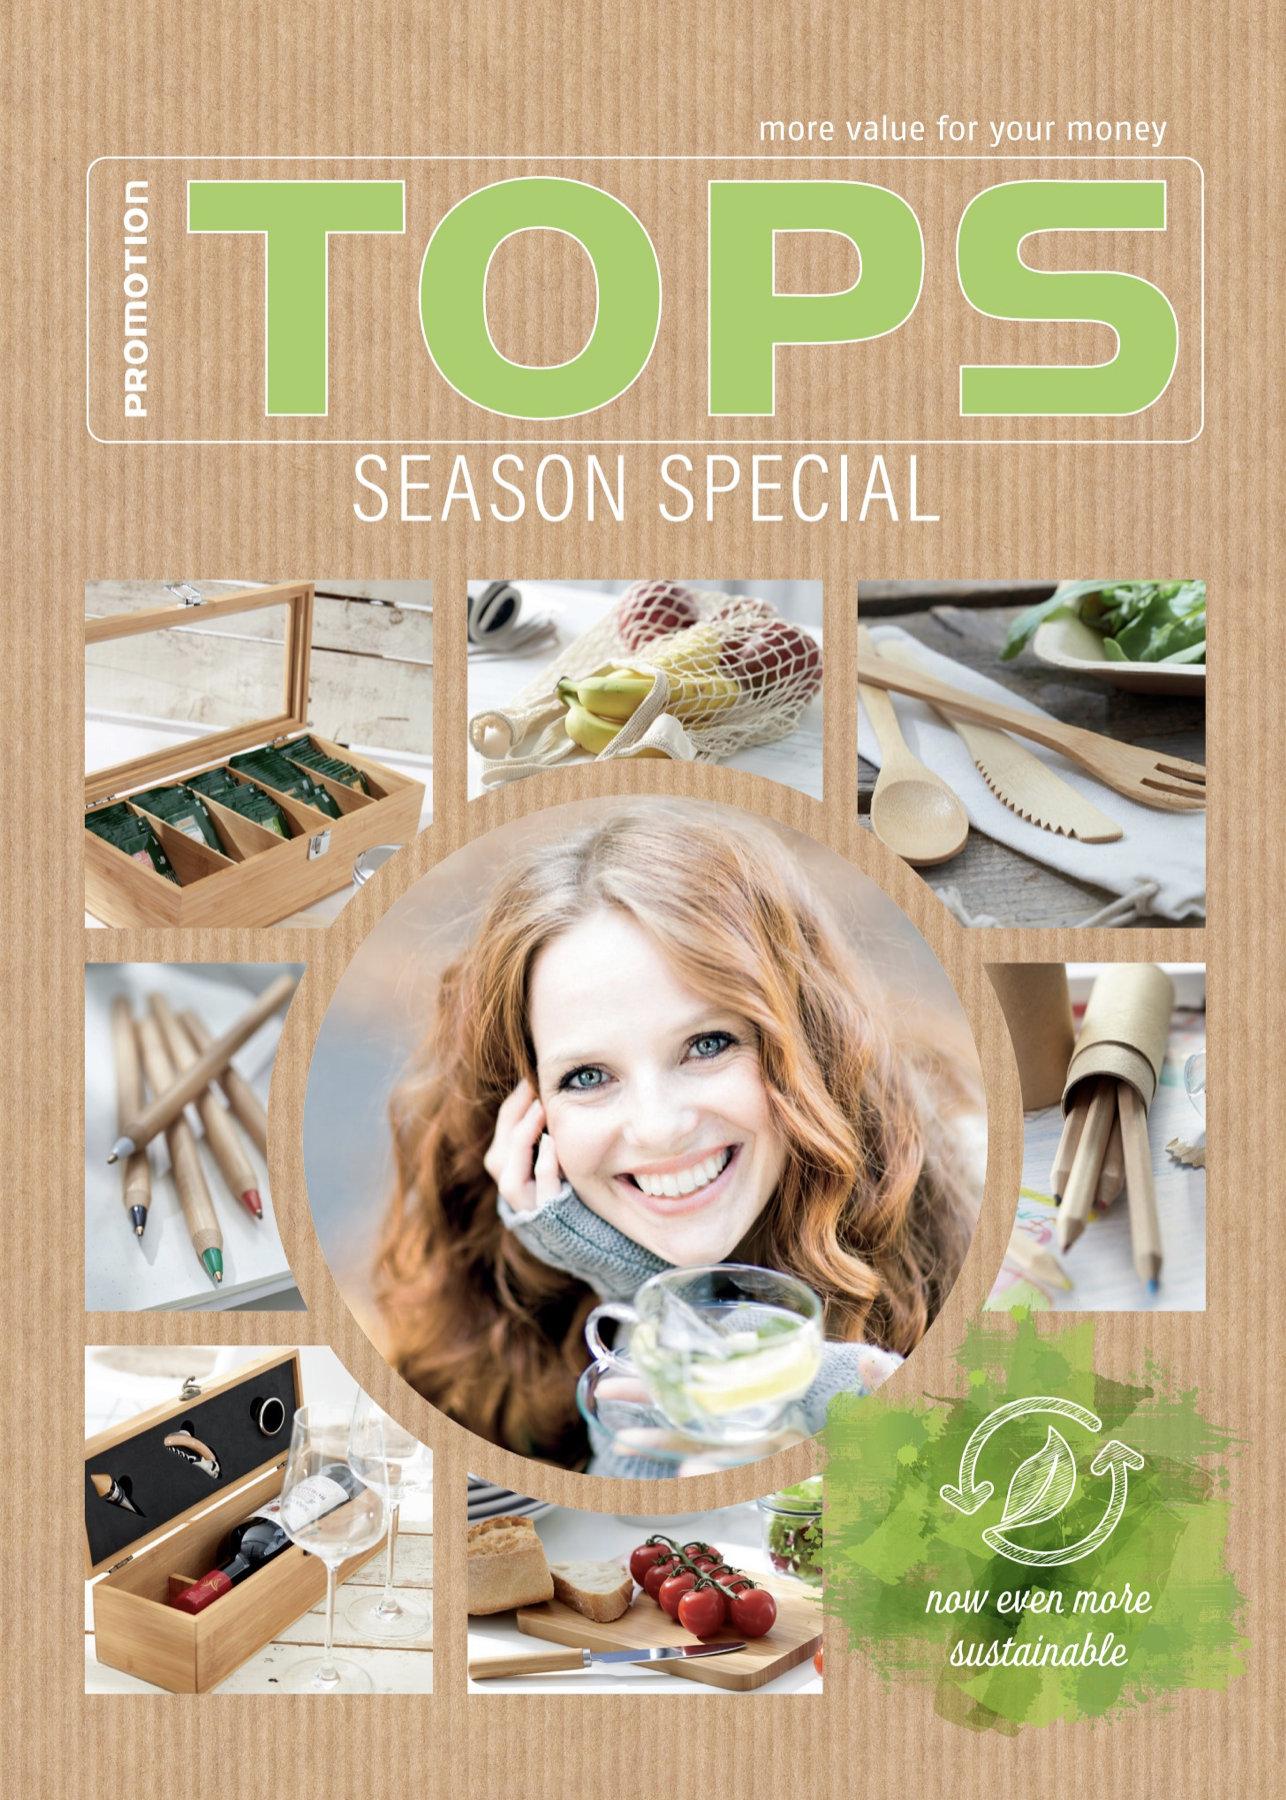 Tops season special